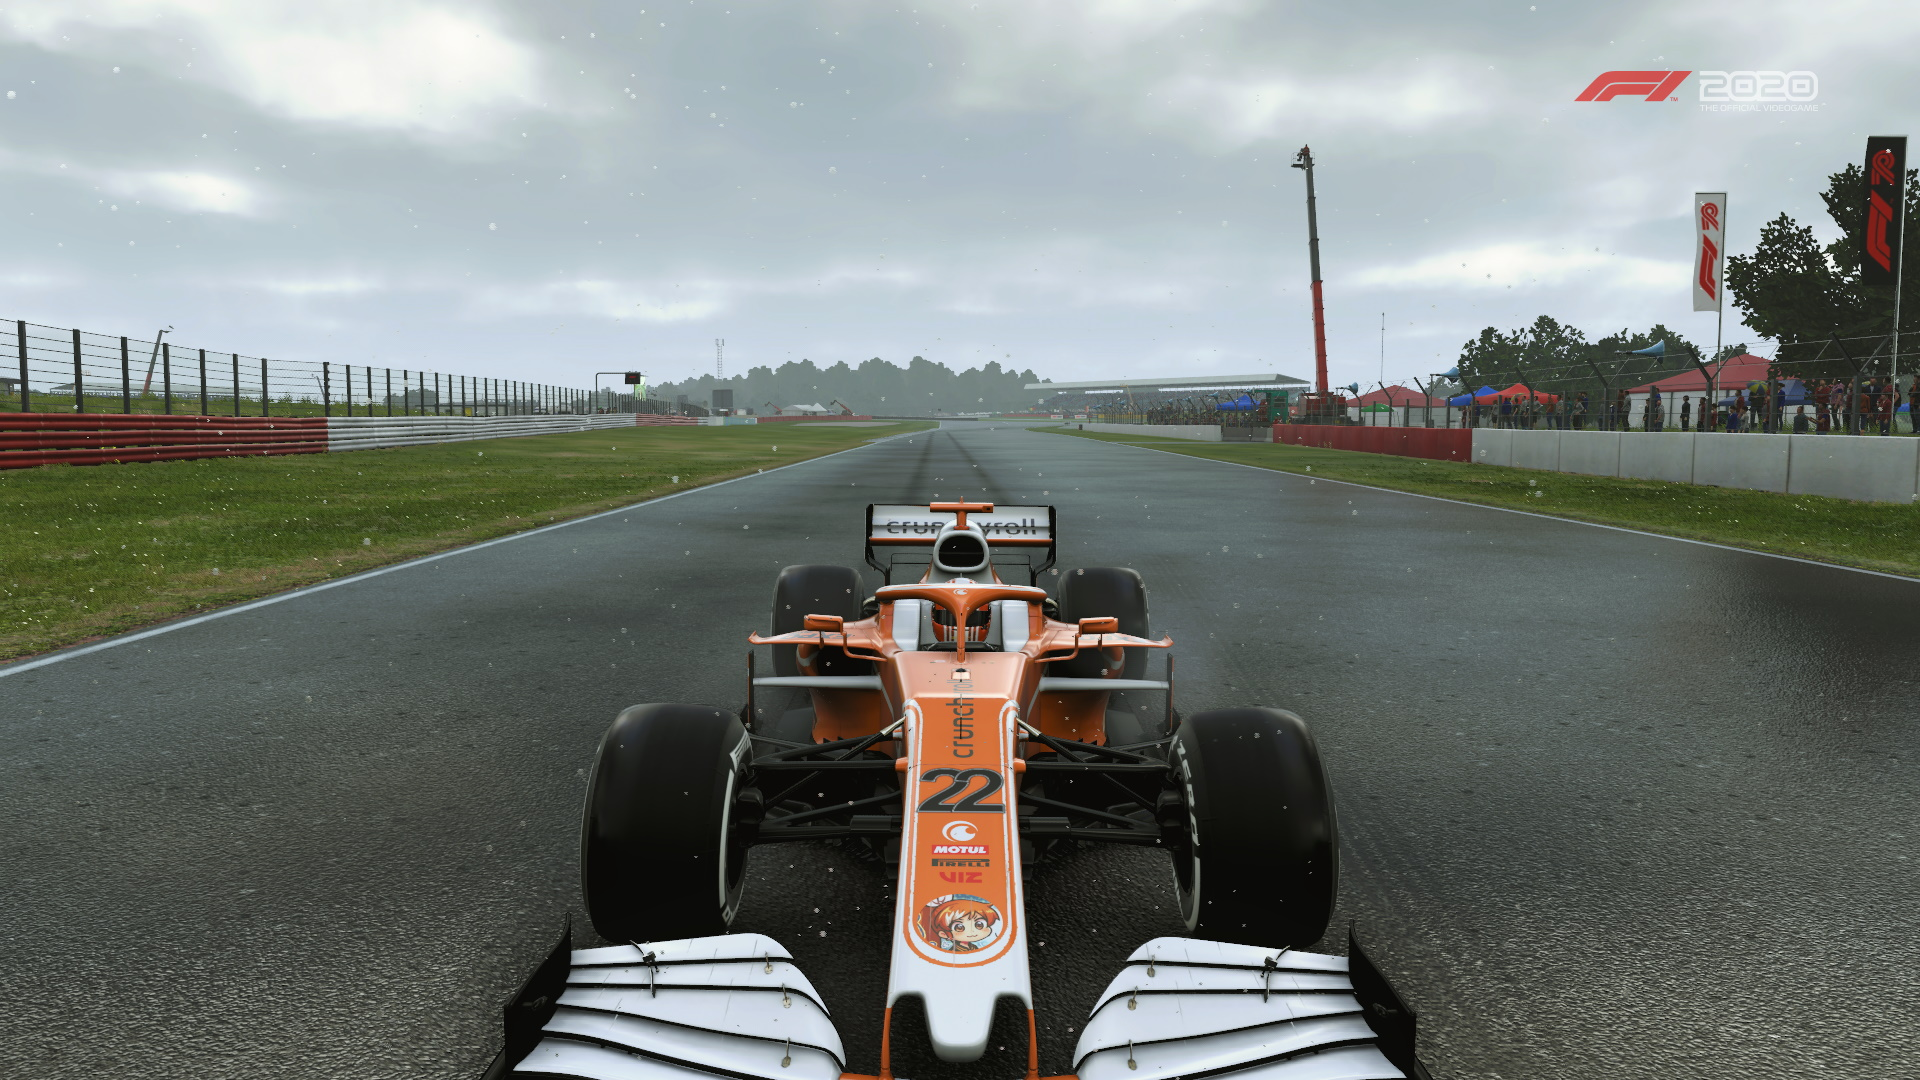 F1 2020 Screenshot 2020.08.21 - 14.11.52.55.jpg